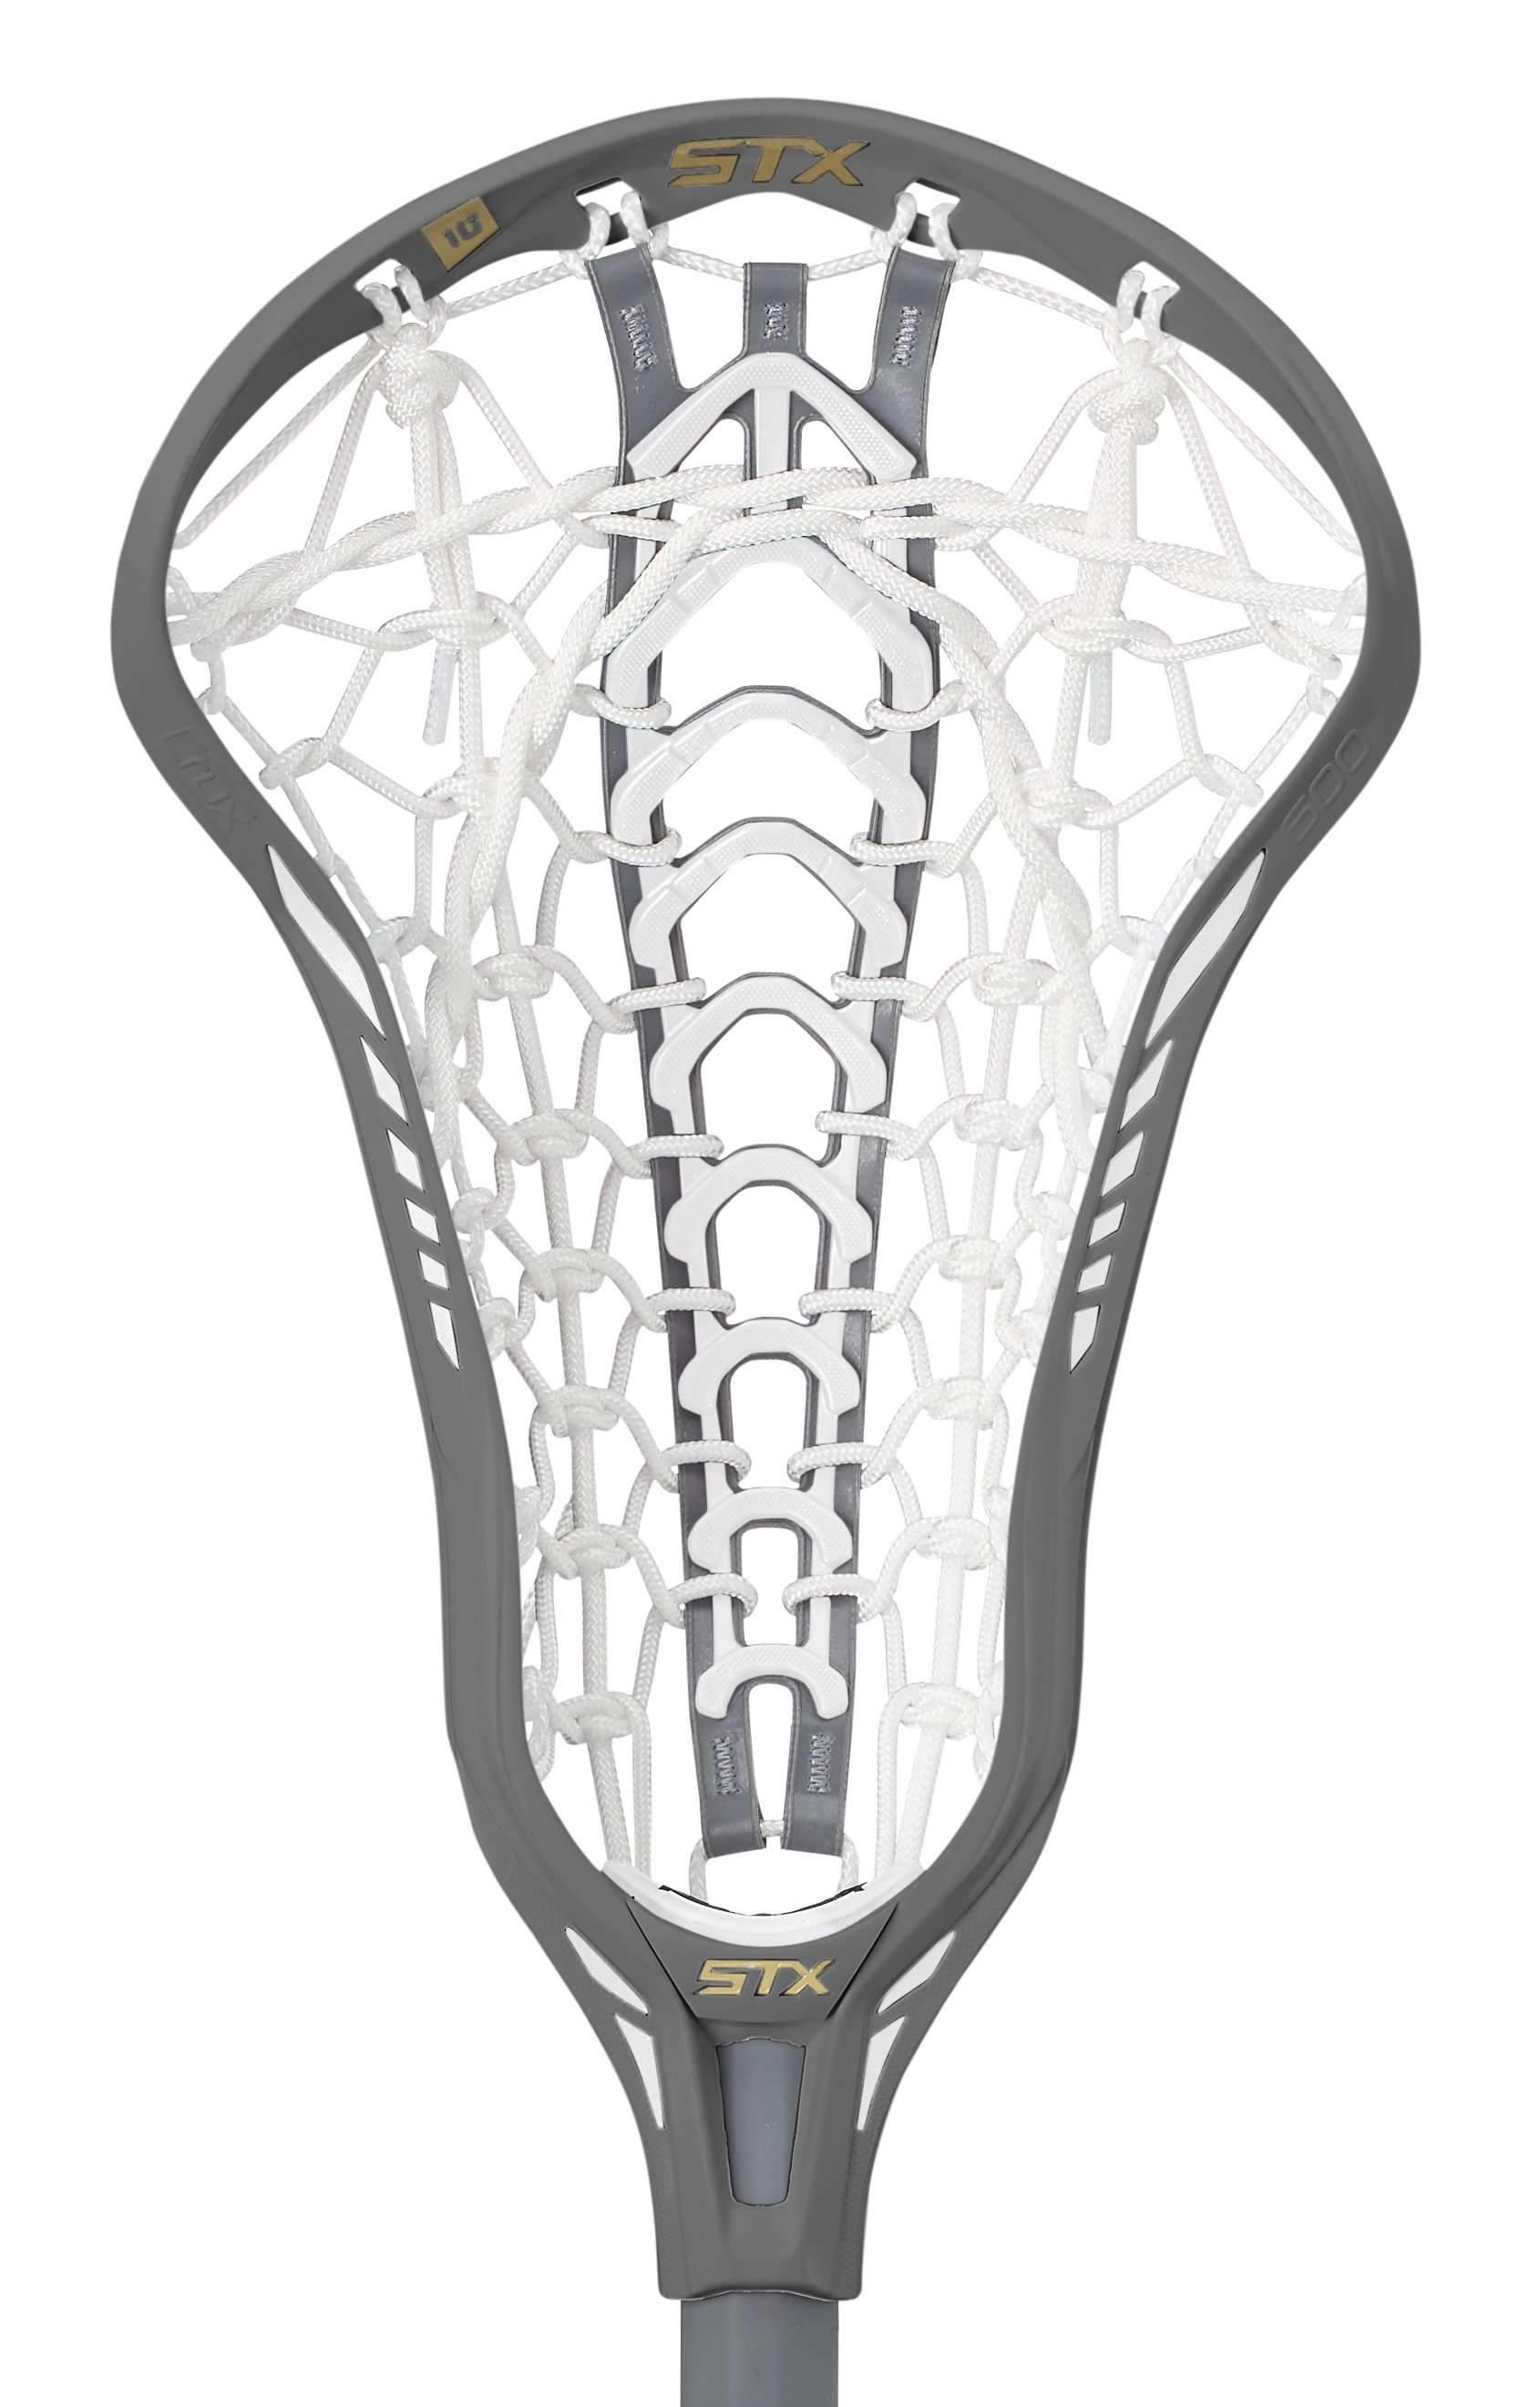 Stx Crux 600 Women S Strung Lacrosse Head Womens Lacrosse Lacrosse Lacrosse Sticks